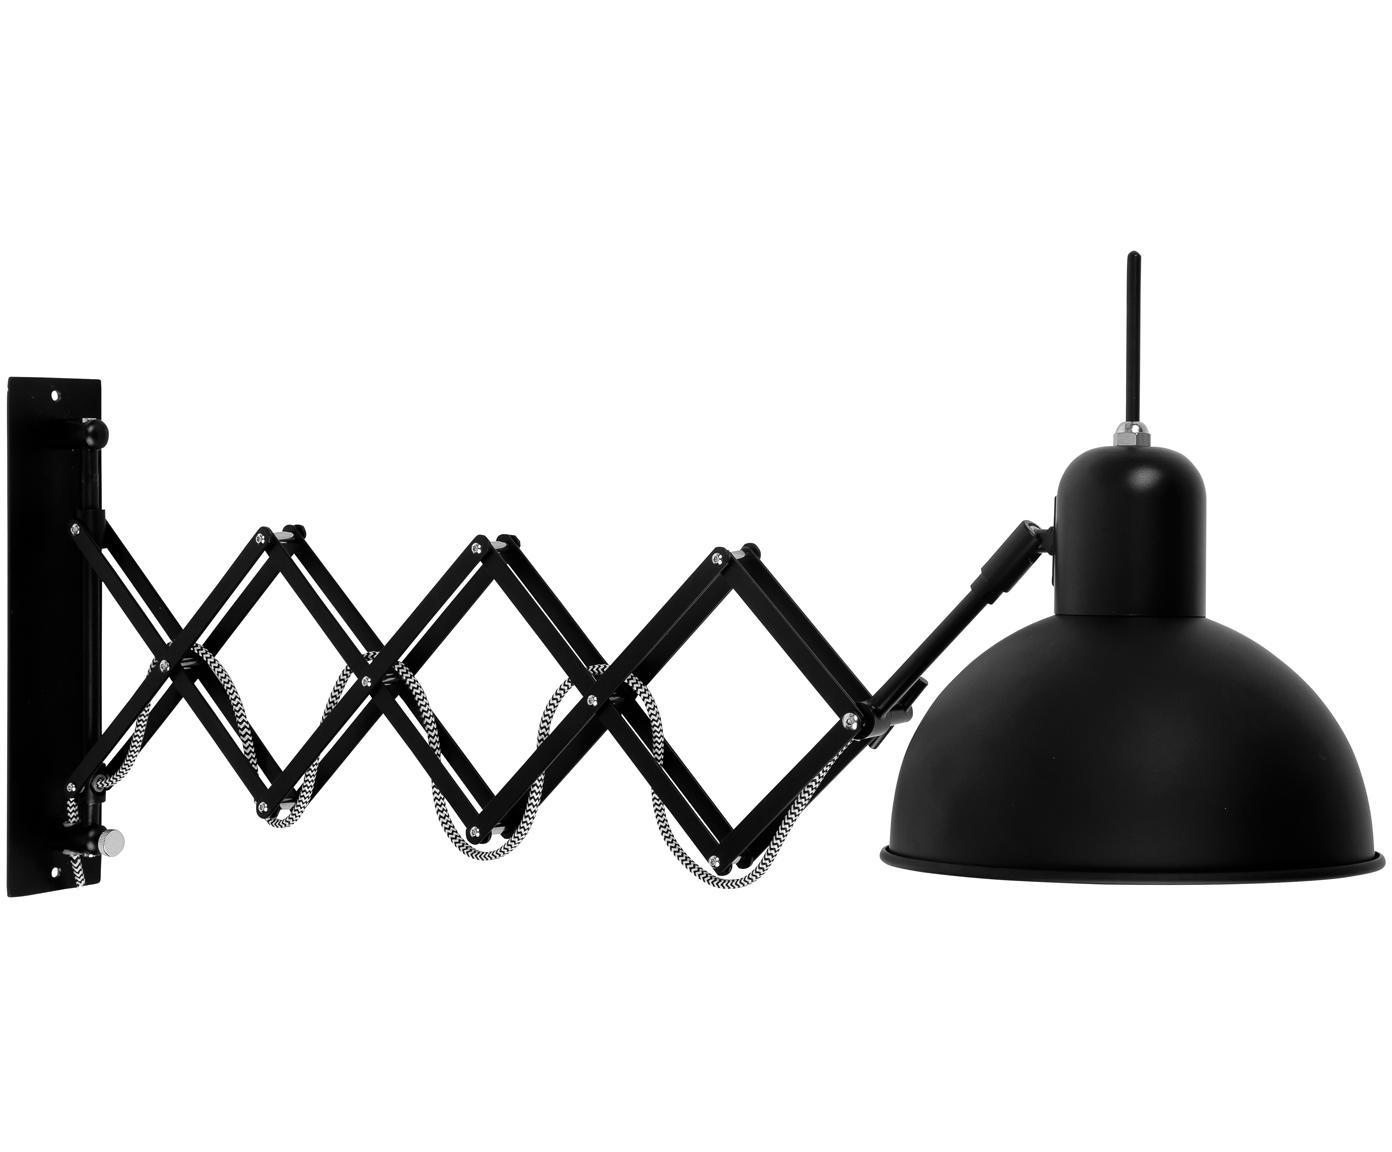 Wandleuchte Fjallbacka mit Stecker, Leuchte: Metall, lackiert, Schwarz, 25 x 27 cm